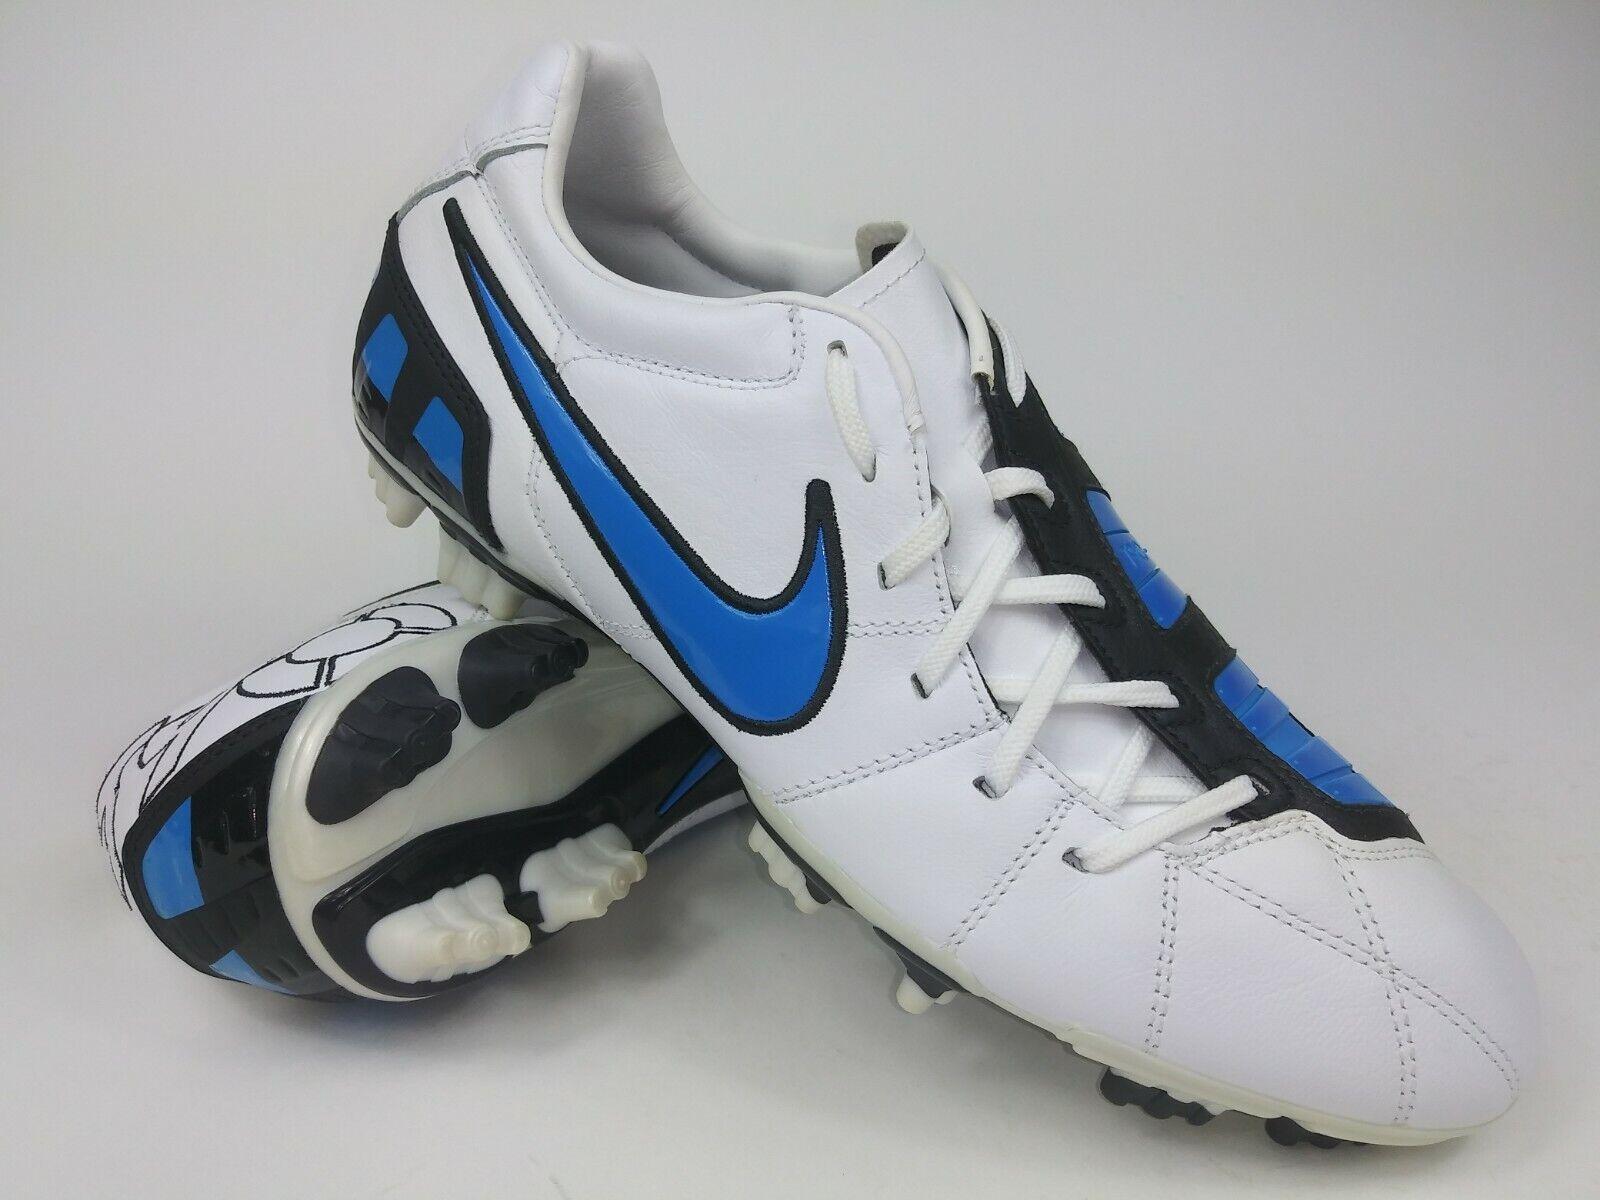 Nike Hombre Rareza Total90 Dispara Lll L-FG blancoo Azul 385401-141 Fútbol Tacos